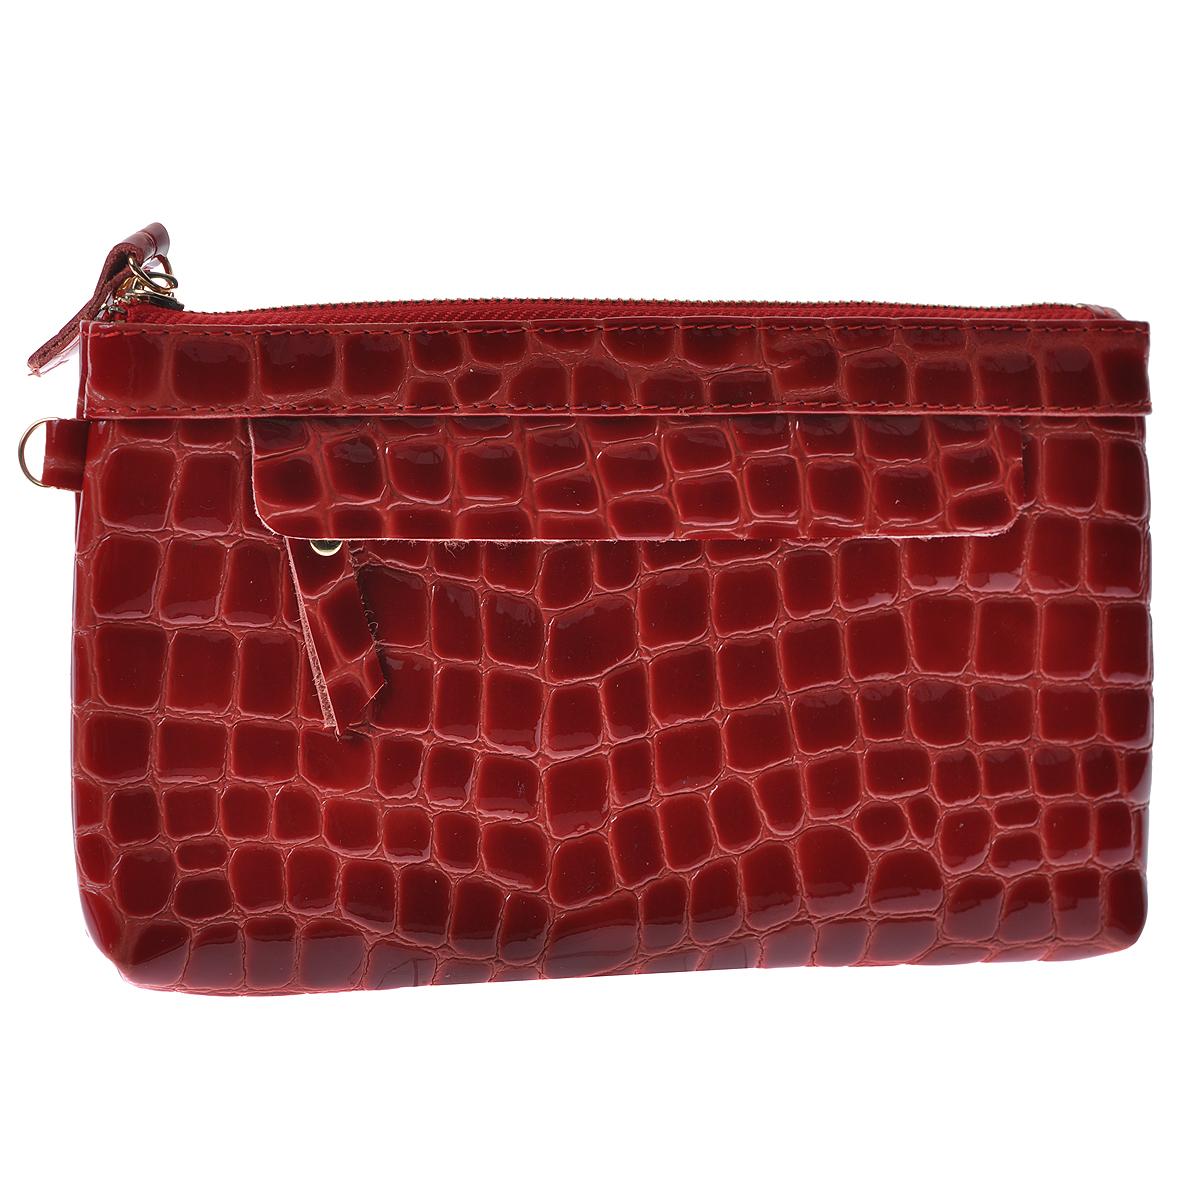 Сумка женская Cheribags, цвет: красный. 611-16611-16Женская сумка Cheribags выполнена из натуральной, лакированной кожи красного цвета с тиснением под рептилию. Сумка имеет одно вместительное отделение, которое закрывается на застежку-молнию. Внутри отделения расположены вшитый карман на молнии и один накладной кармашек. На передней и задней стенке сумки расположен горизонтальный карман на молнии. Фурнитура сумки выполнена из металла золотистого цвета. Модель оснащена ремешком для запястья, крепящийся при помощи карабина. Сумка - это стильный аксессуар, который подчеркнет вашу изысканность и индивидуальность и сделает ваш образ завершенным.